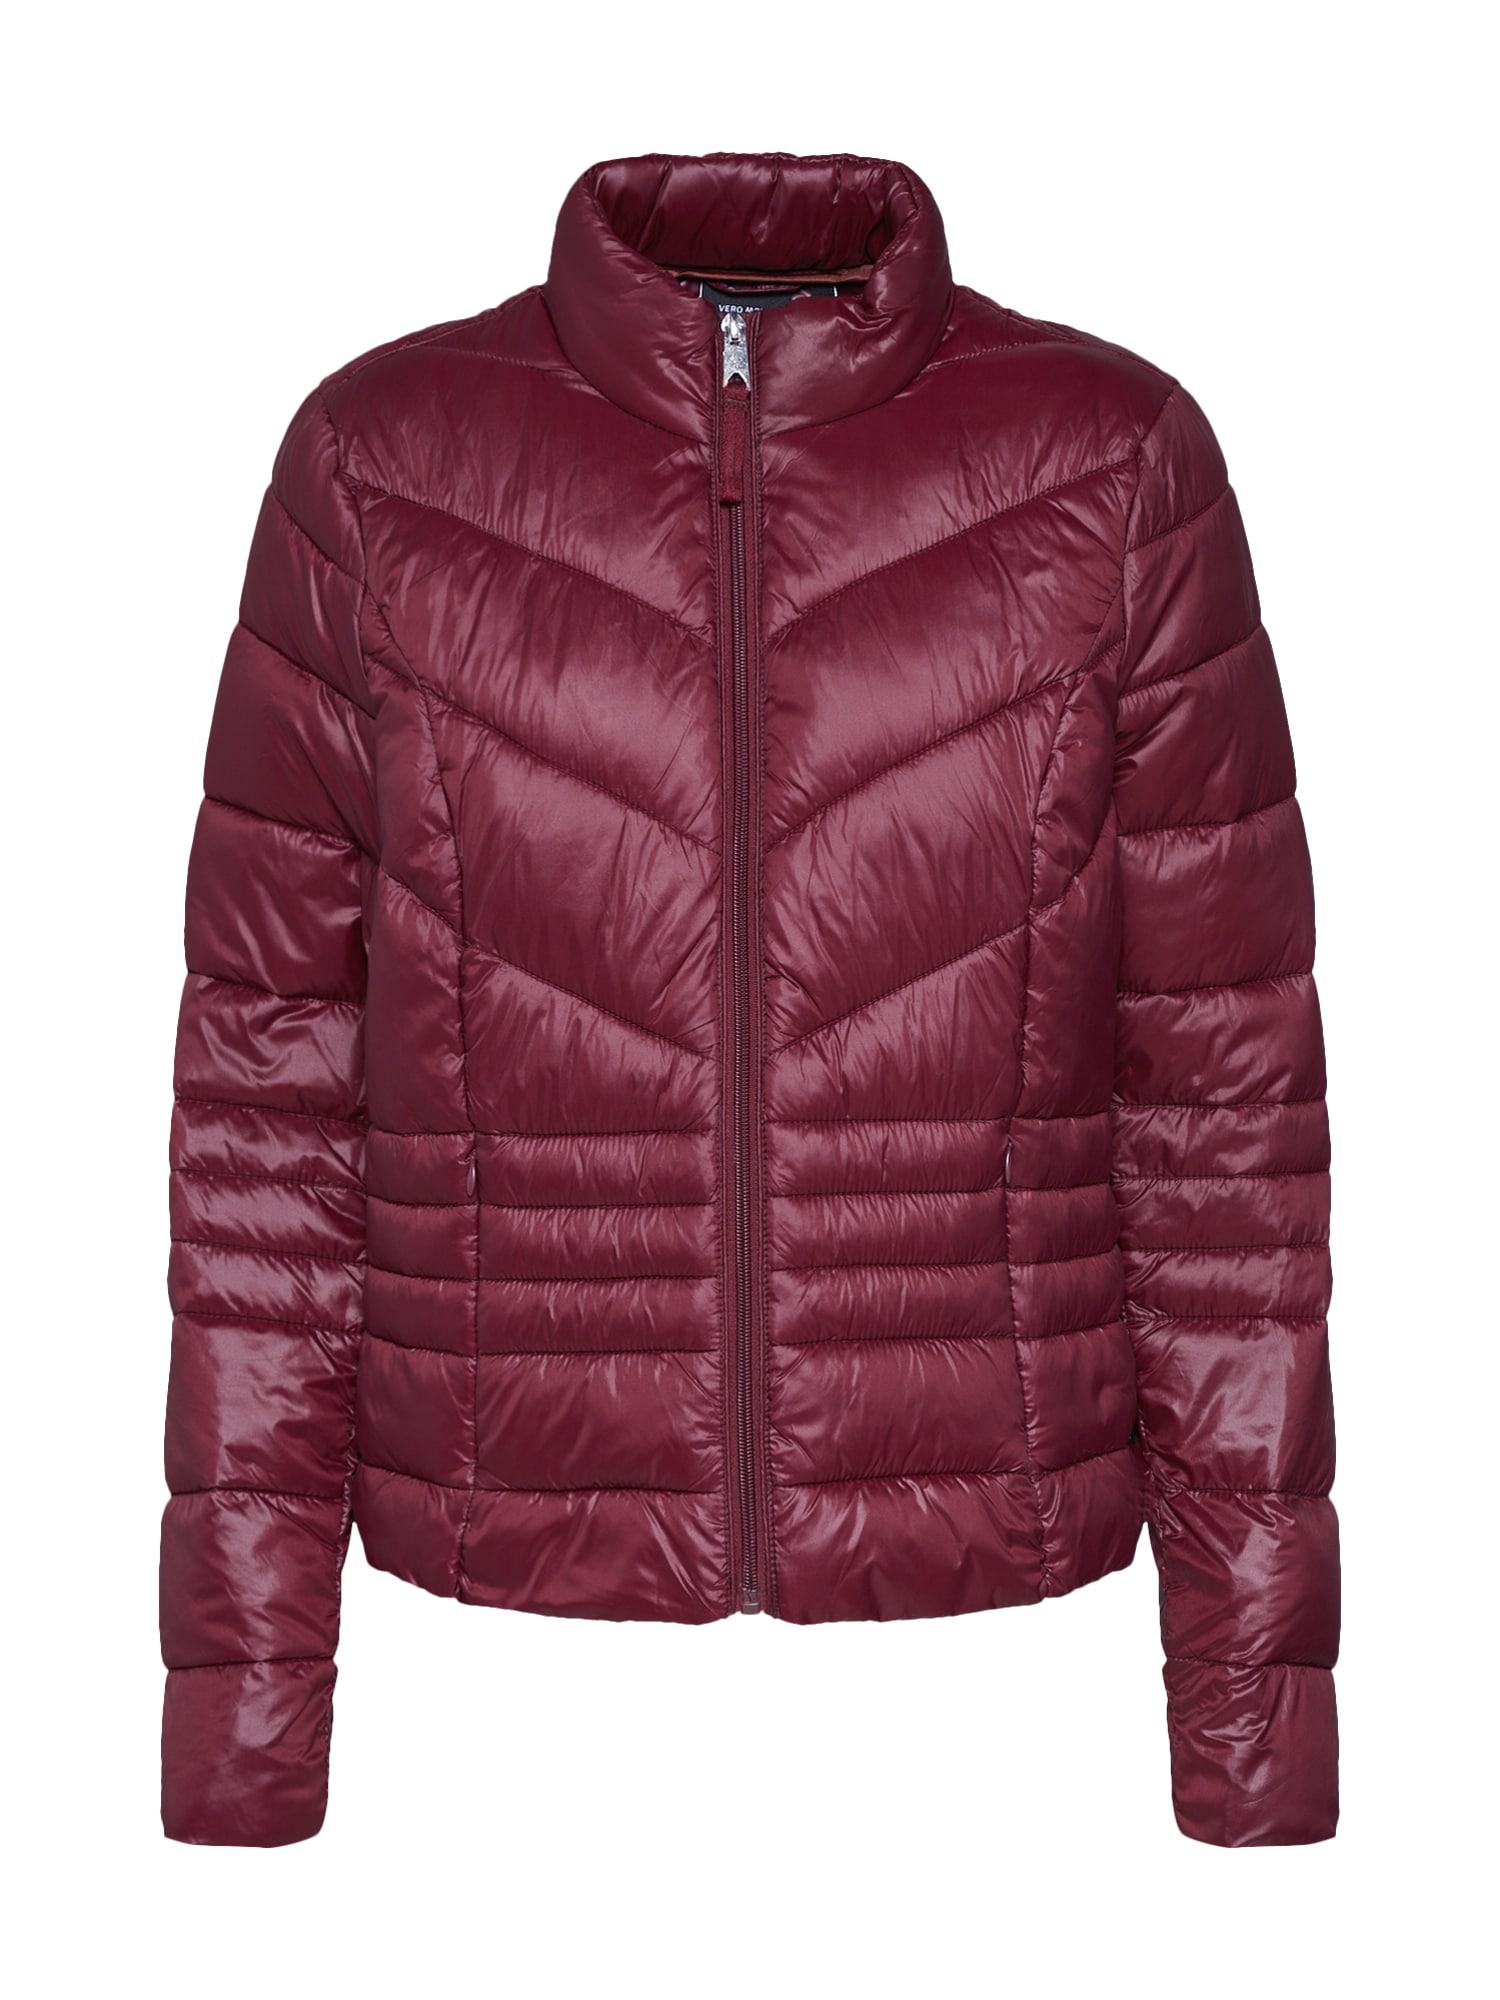 Zimní bunda SORAYA SIV vínově červená VERO MODA